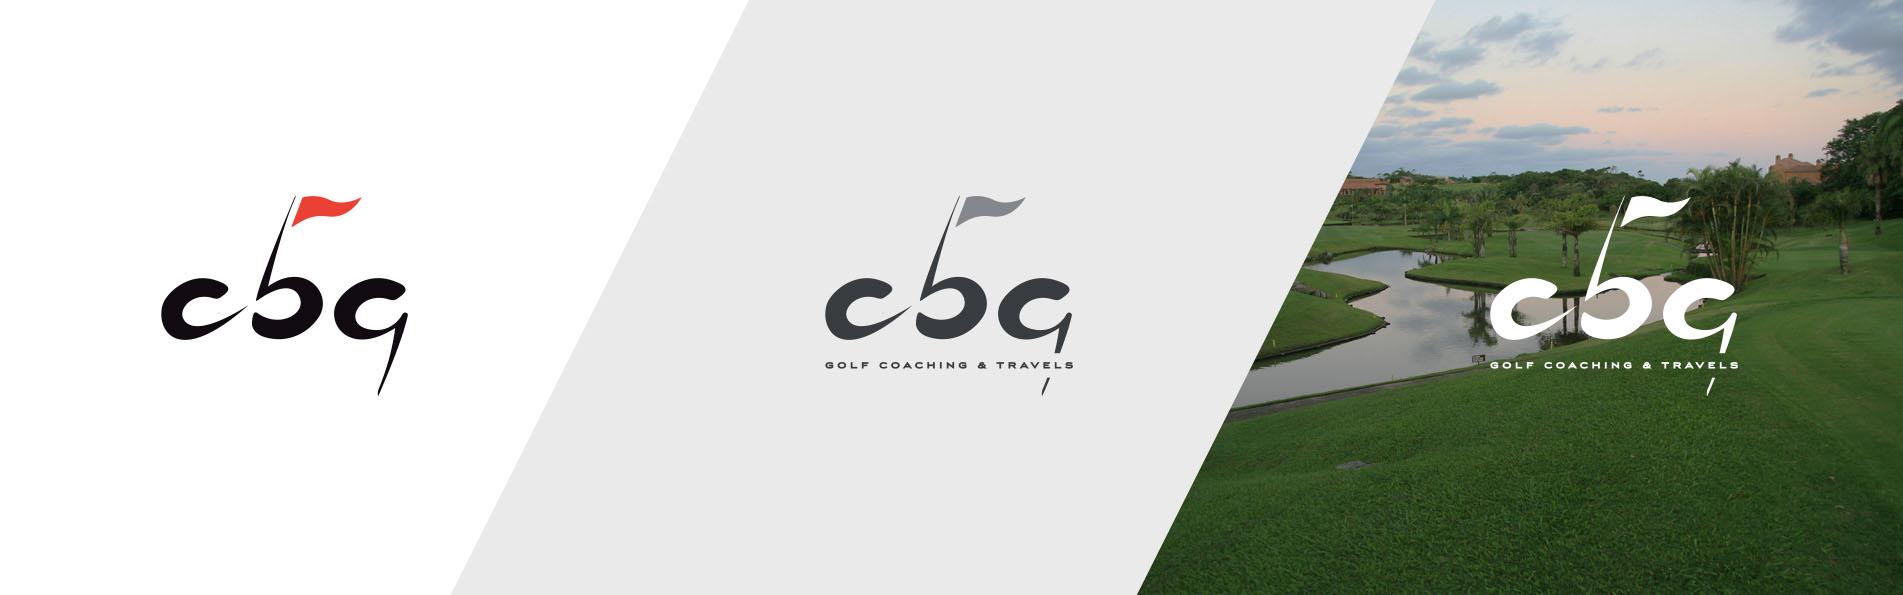 cbg-3